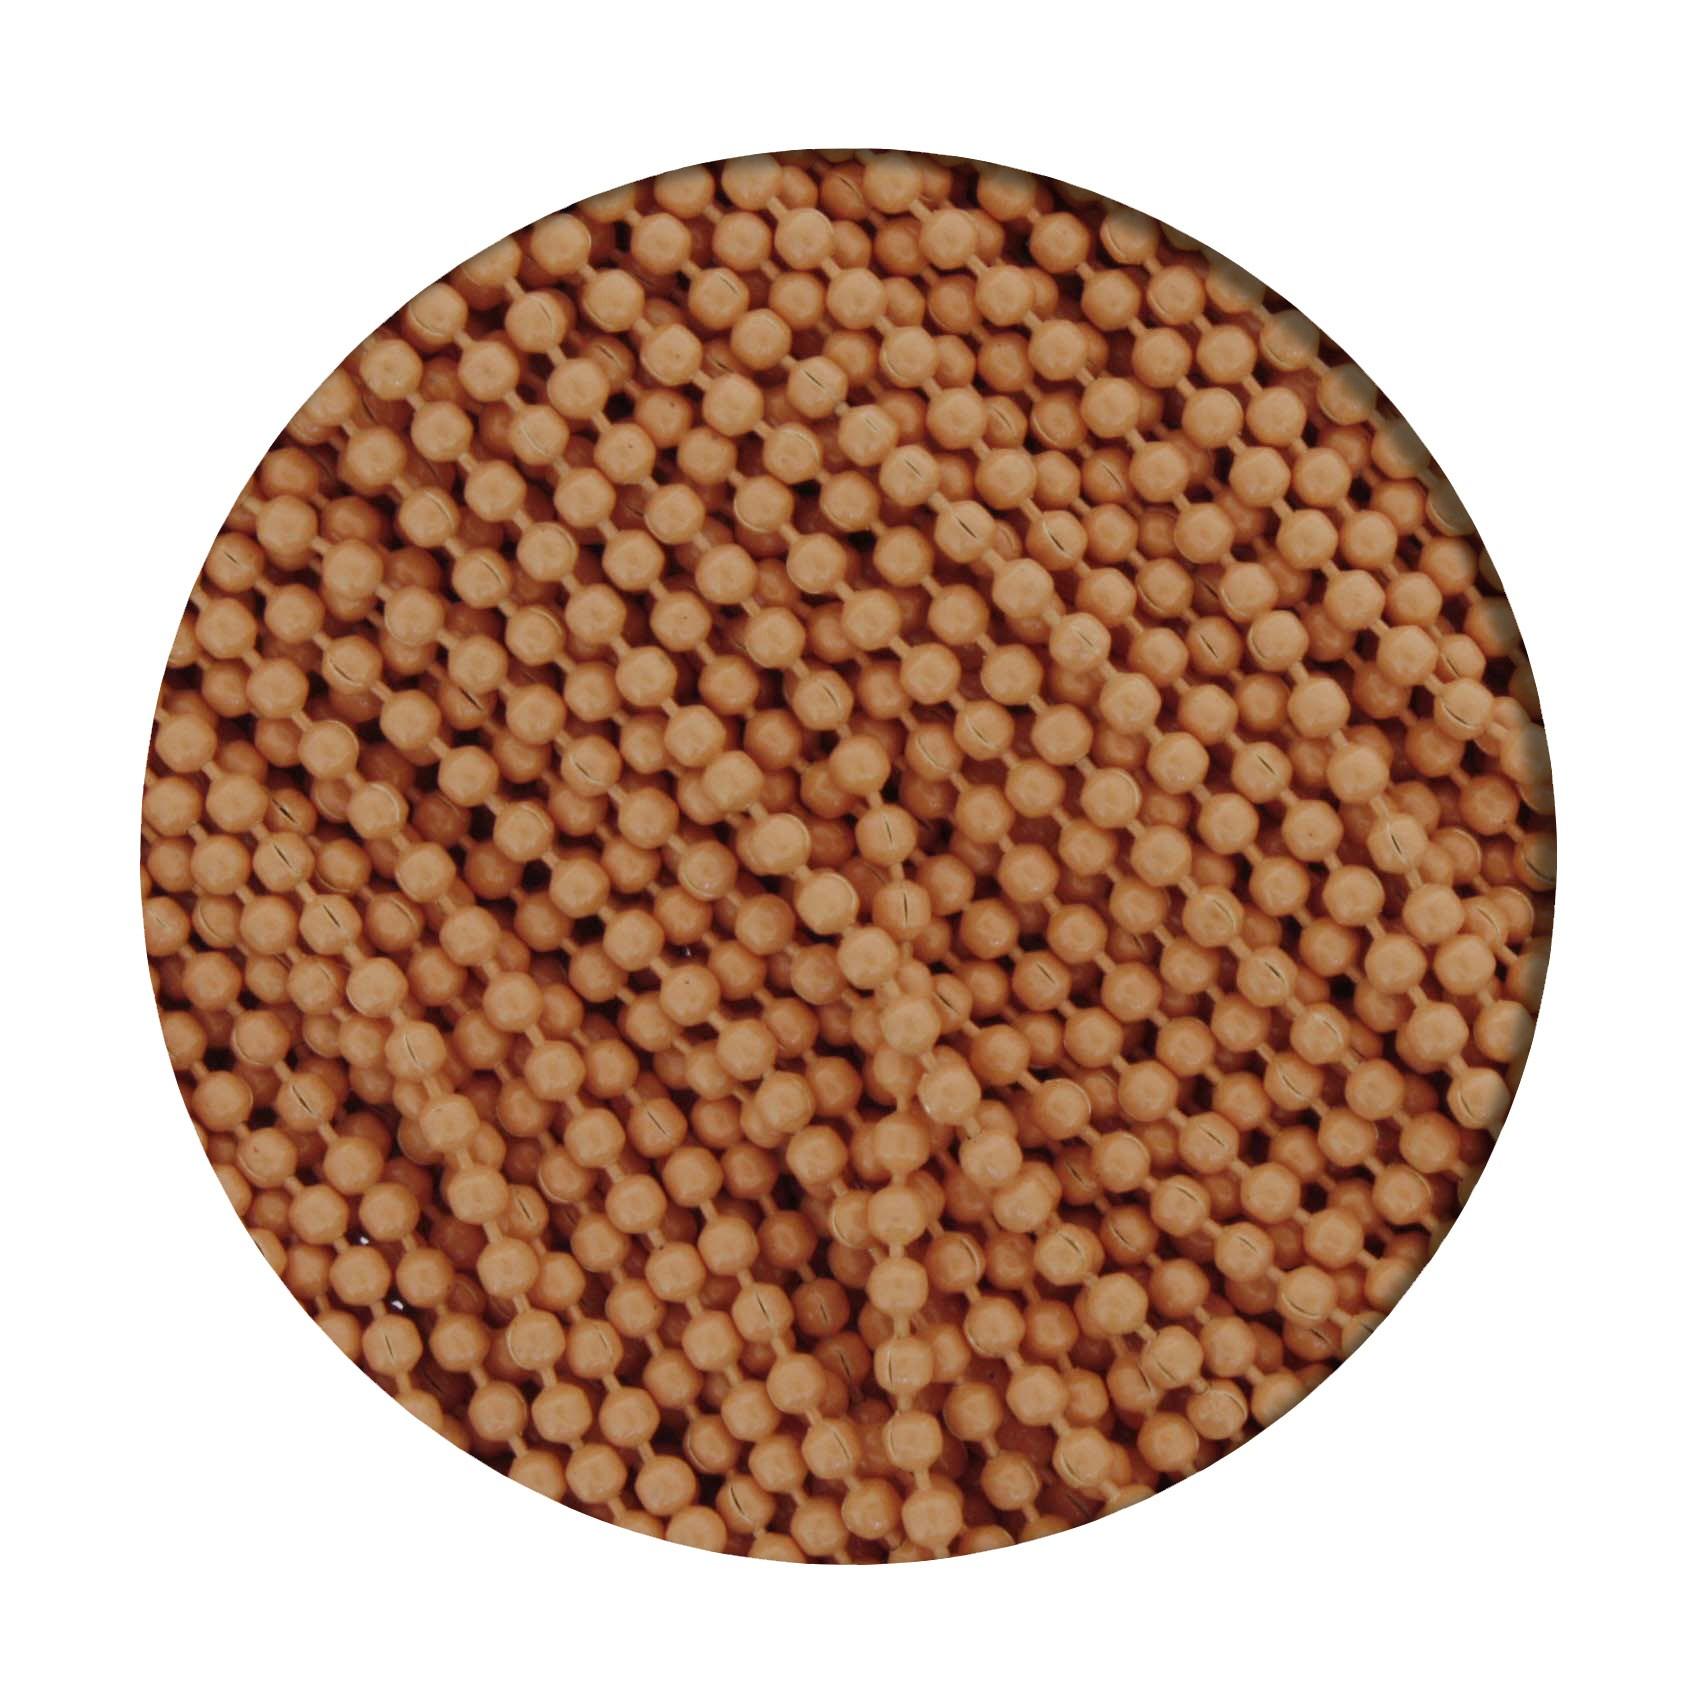 Corrente de Bolinha - 1,5mm - Salmão  - Stéphanie Bijoux® - Peças para Bijuterias e Artesanato